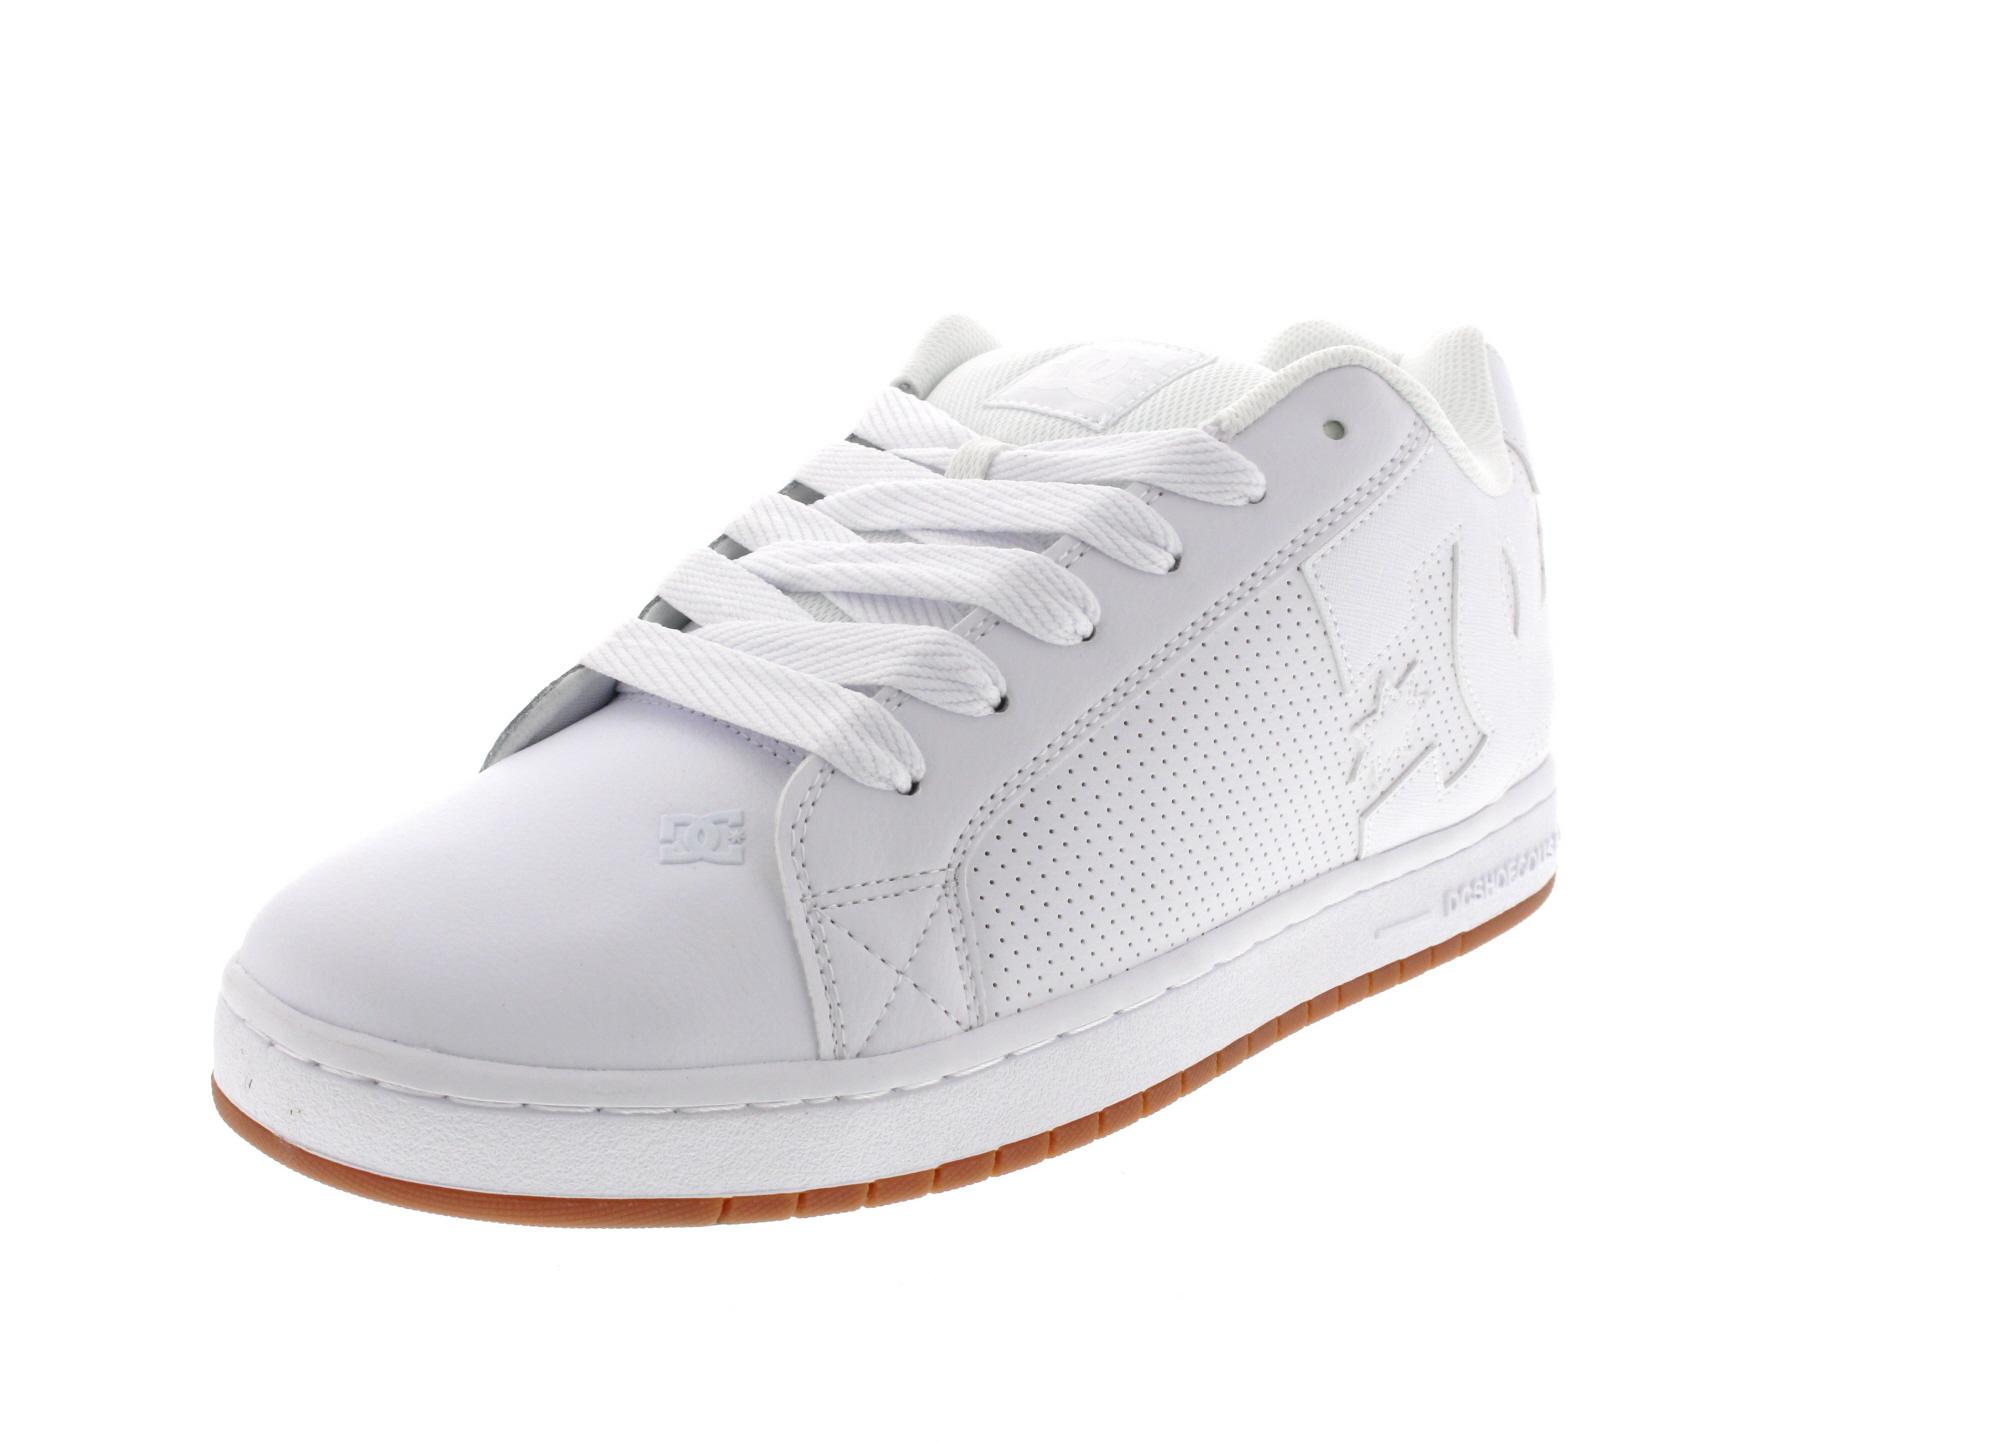 DC Sneaker in Übergrößen COURT GRAFFIK 300529 white gum